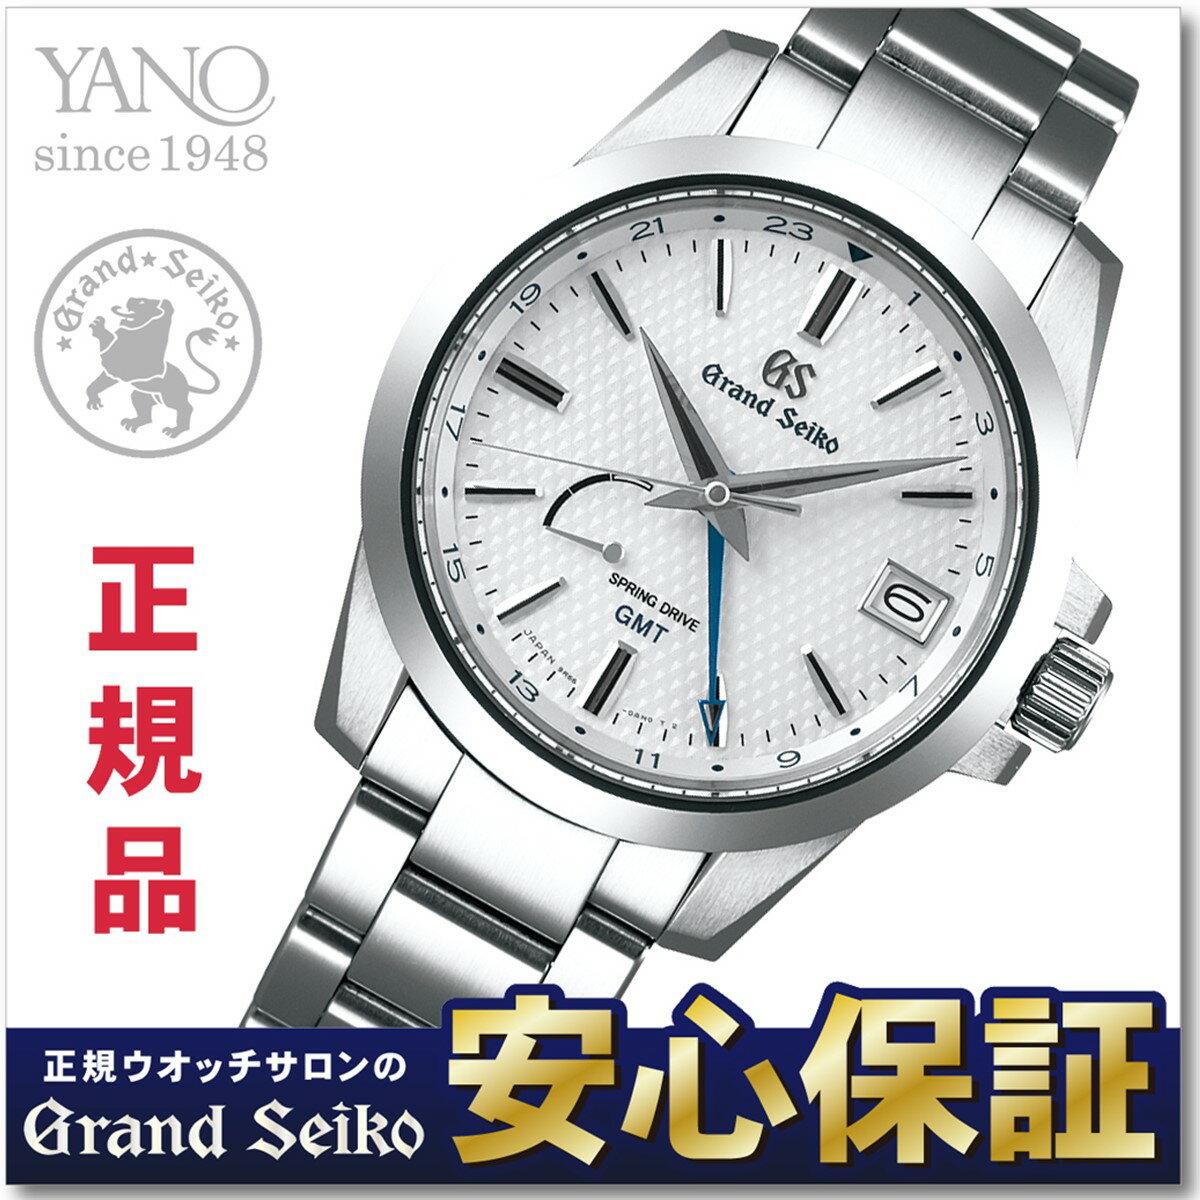 【グランドセイコー ノベルティボールペン付き!】グランドセイコー SBGE209 スプリングドライブ GMT 9R66 メンズ 腕時計 GRAND SEIKO 【正規品】【0517】NLGS_10spl【店頭受取対応商品】